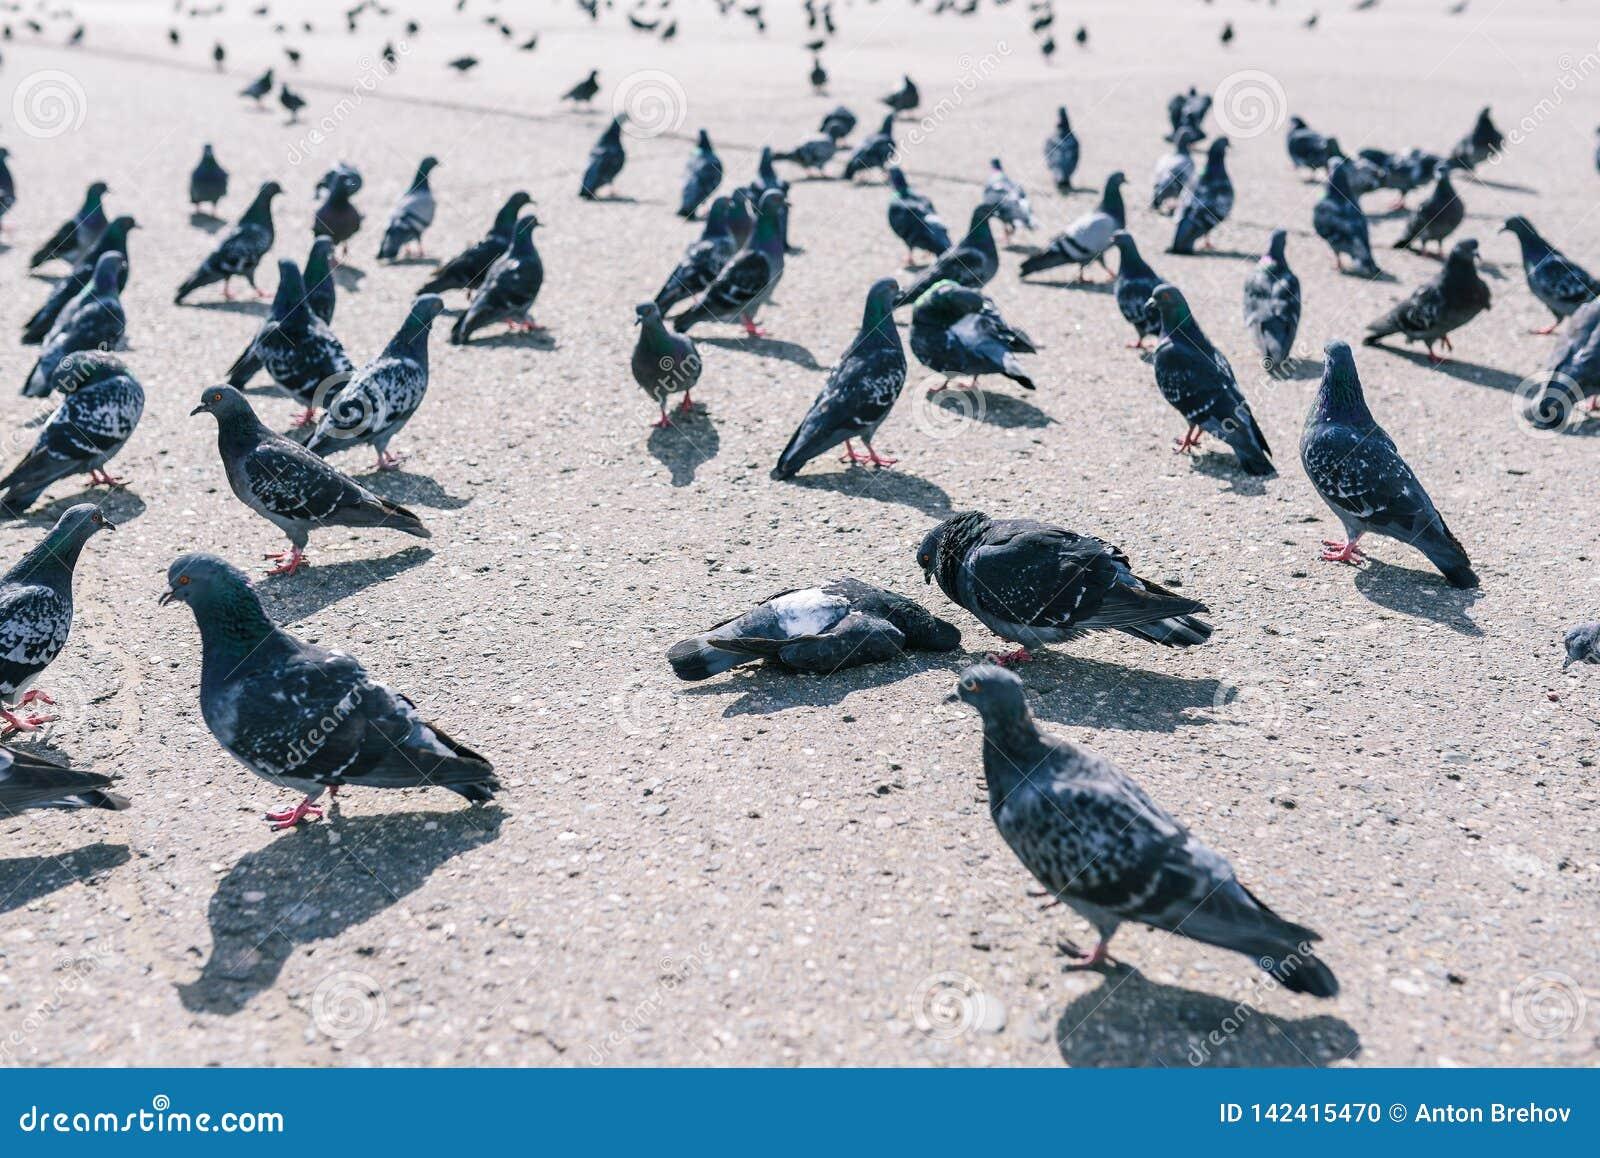 Duivengang rond een dode vogel Een troep van duiven op de straat Dode duif op asfalt